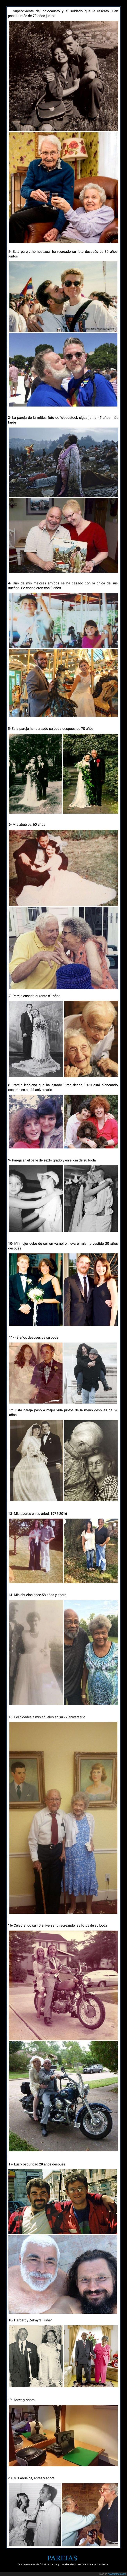 fotos,juntos,parejas,recreando